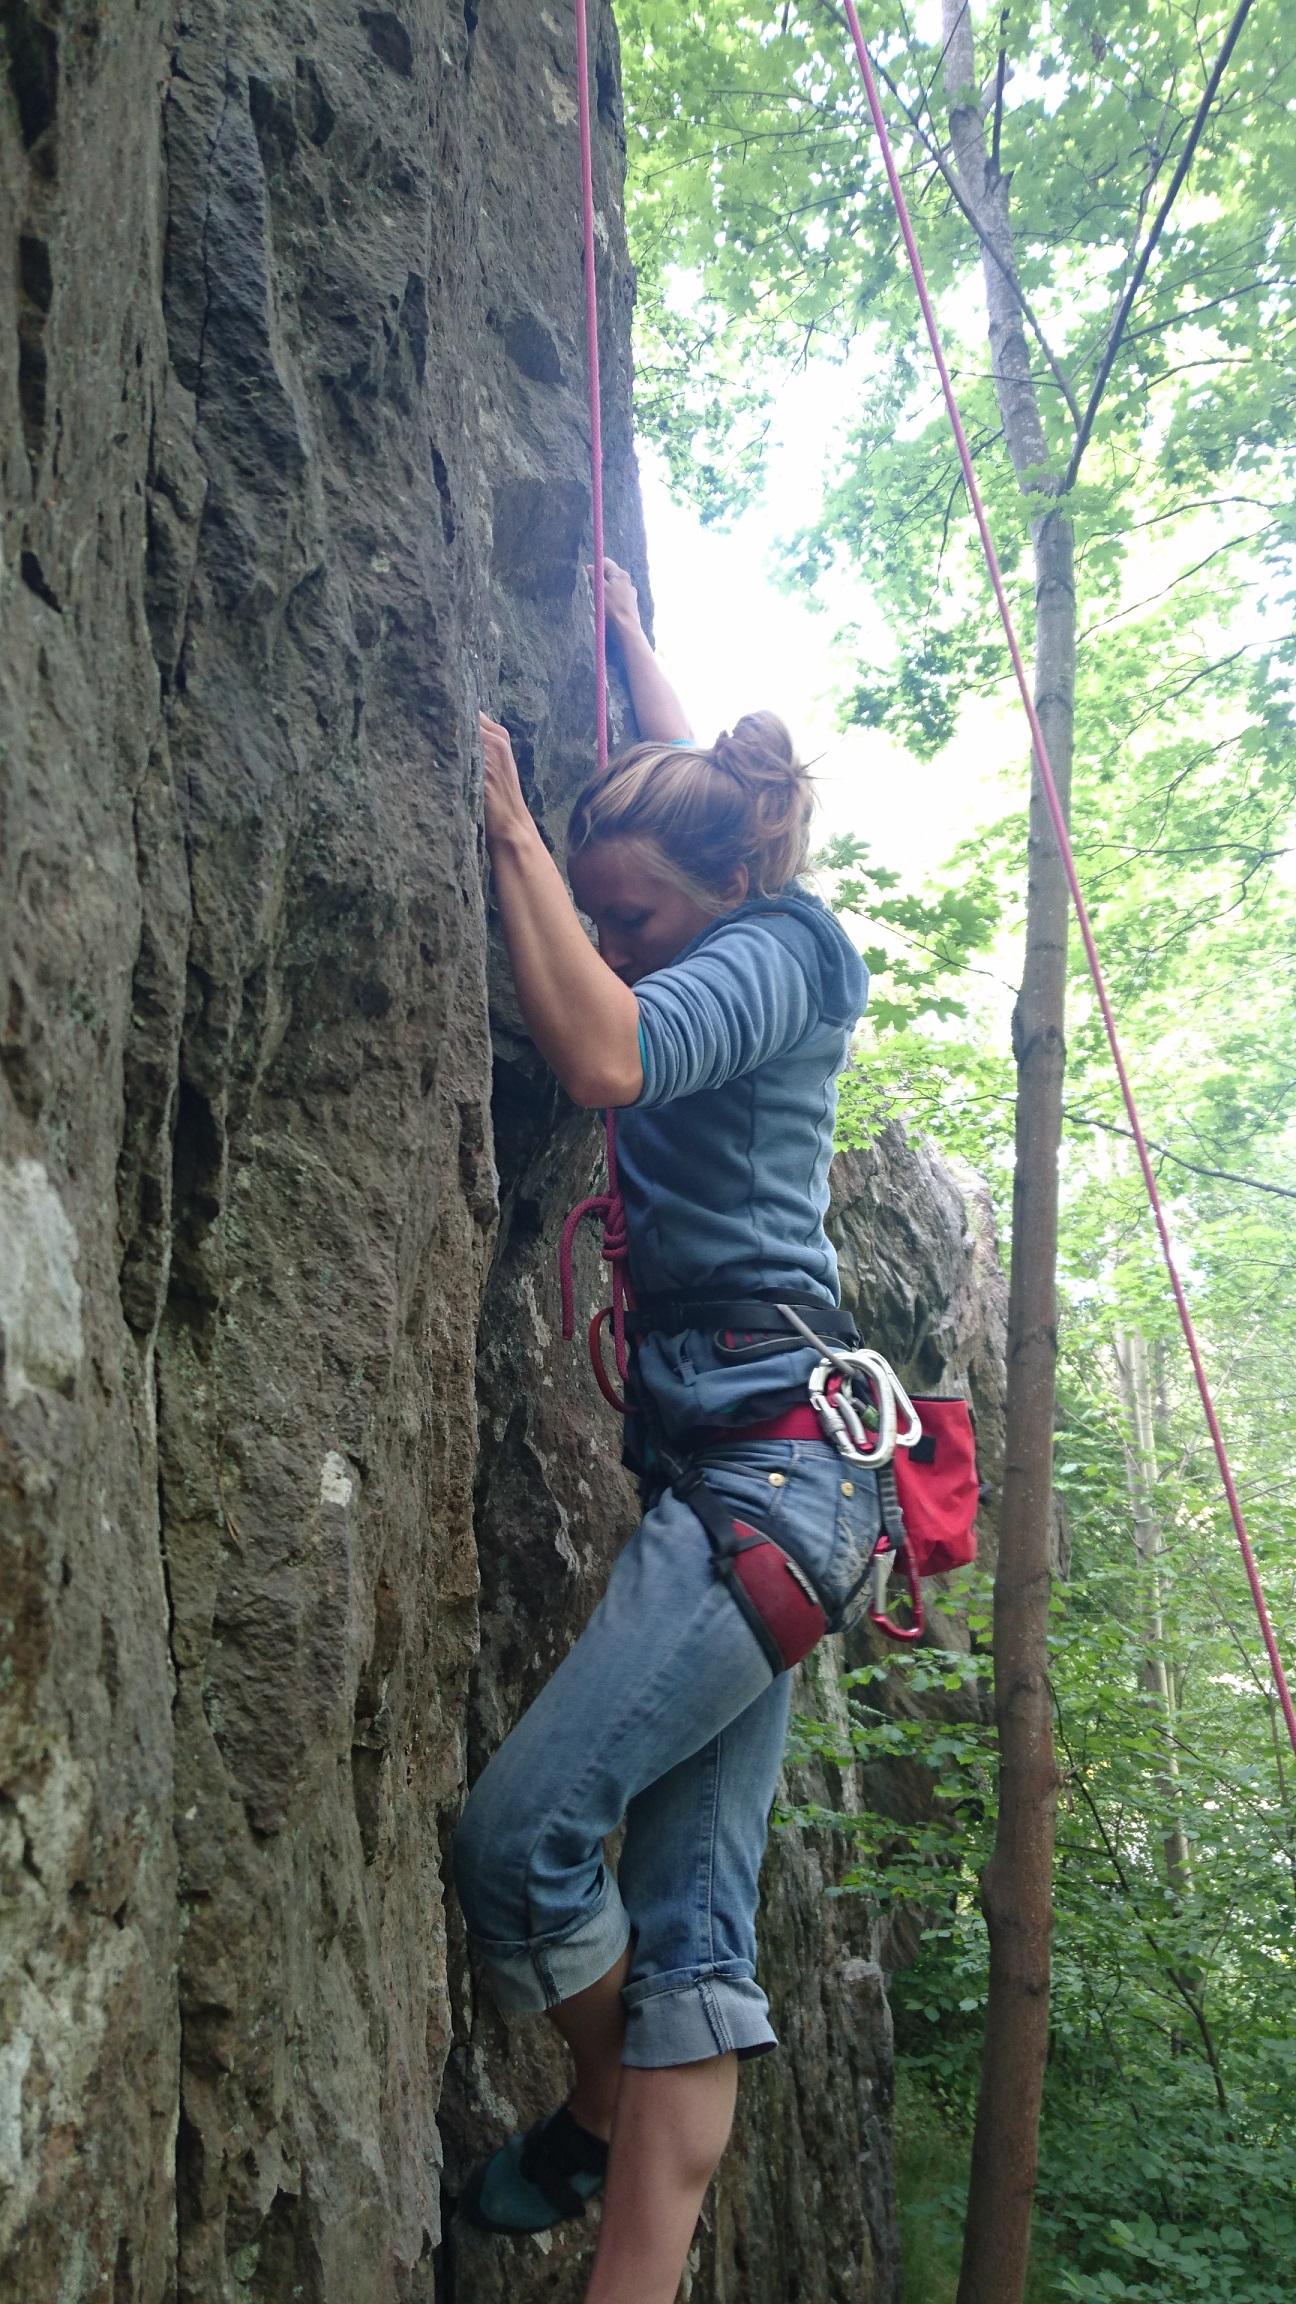 Elina Linnala är bra på att klättra. Sickla, vad nu klippan heter.